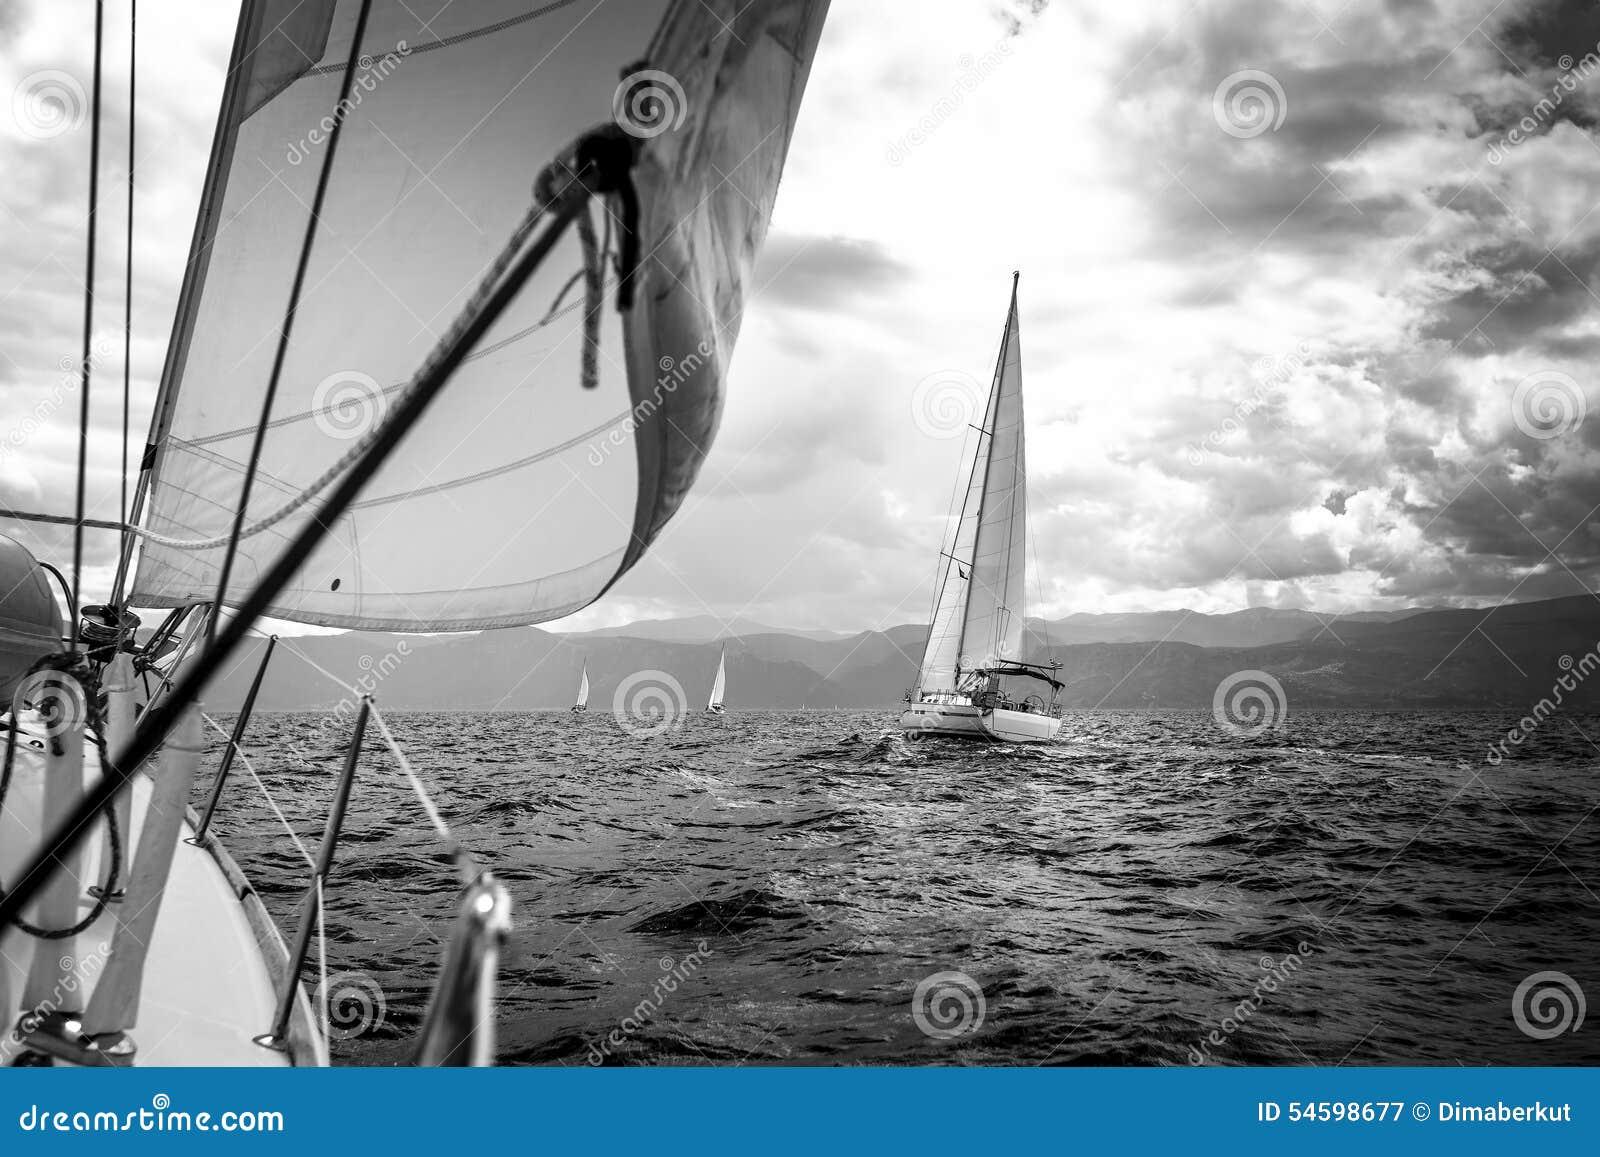 Żeglowanie jachty w morzu w pogodzie sztormowej